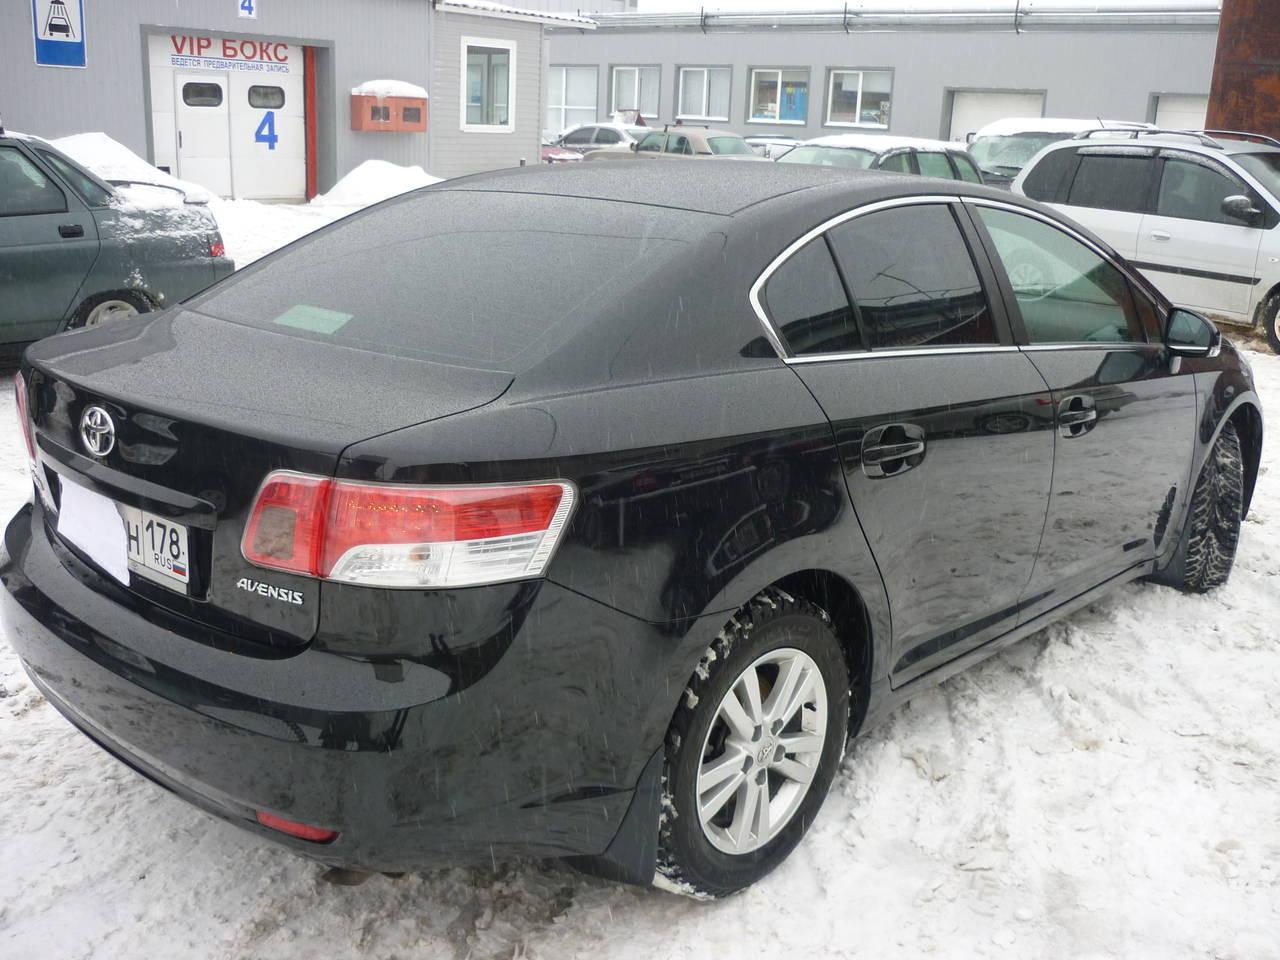 Отзывы о Ford Mondeo 2010 - Авто Mail.Ru